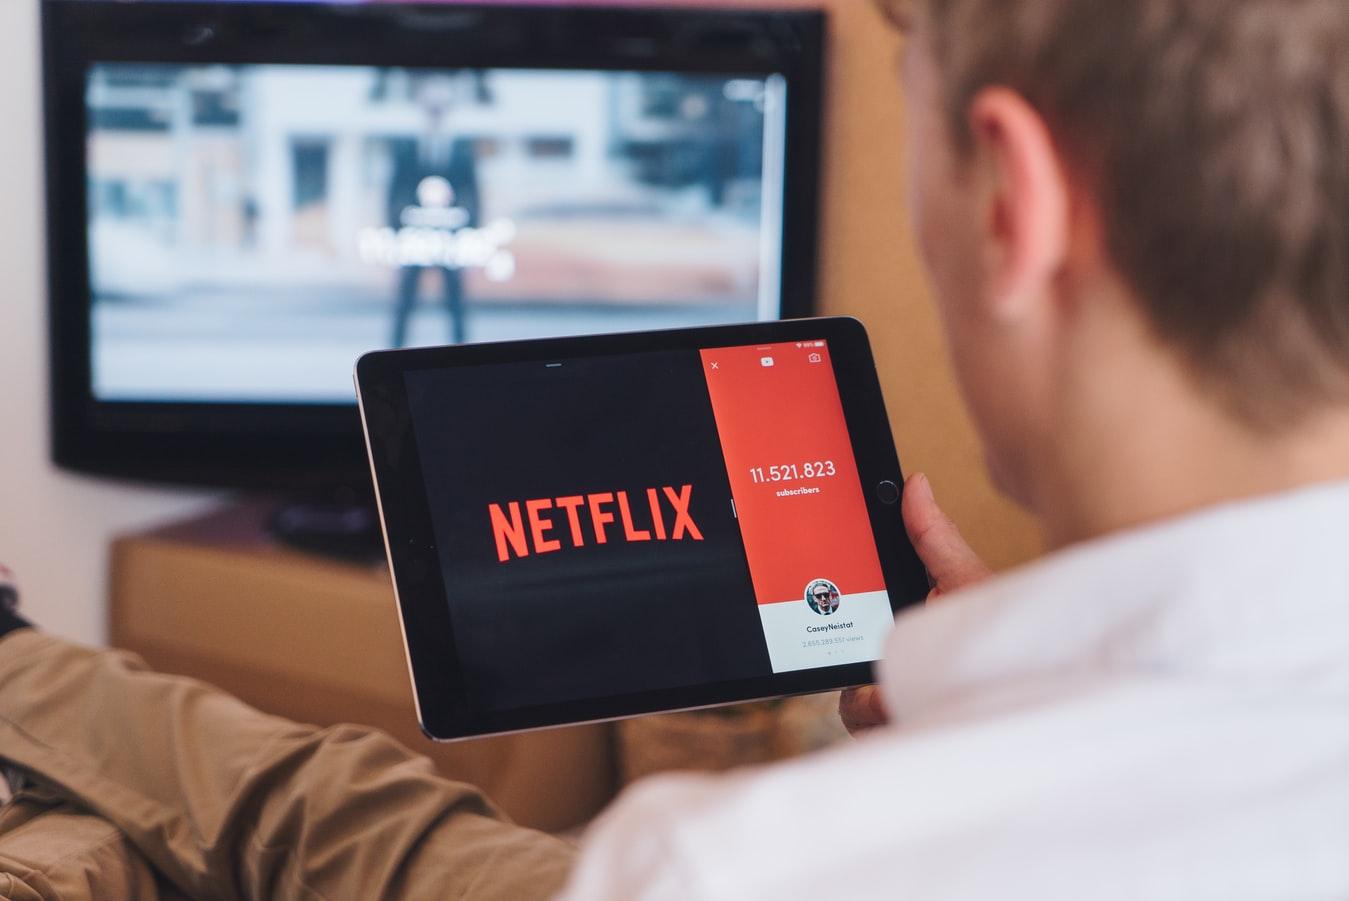 Un homme en train de suivre un programme en streaming.